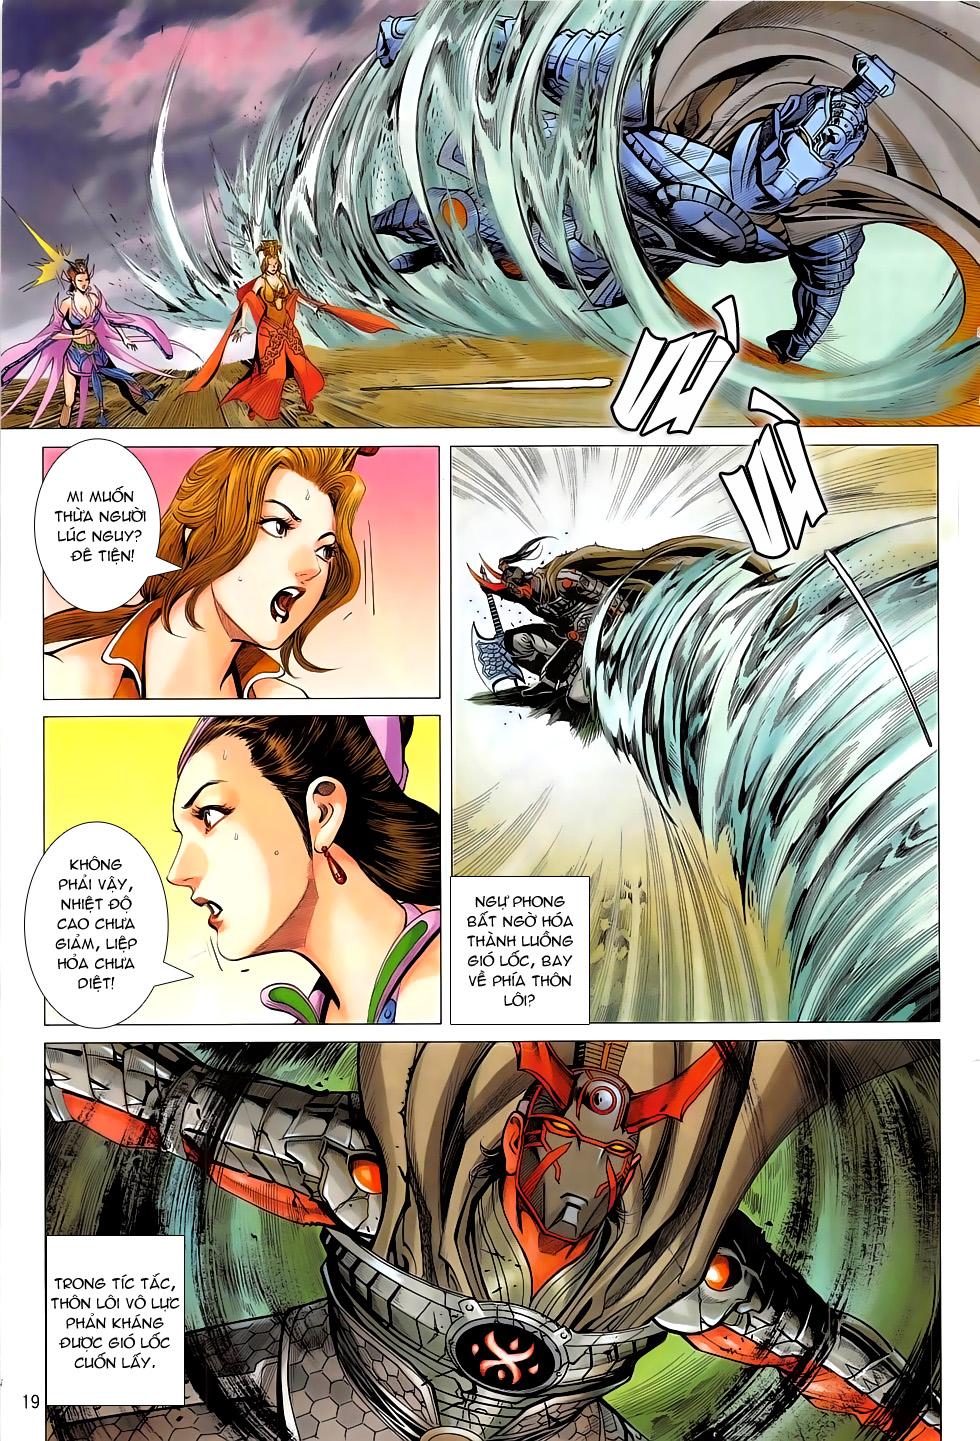 Chiến Phổ chap 19 - Trang 19